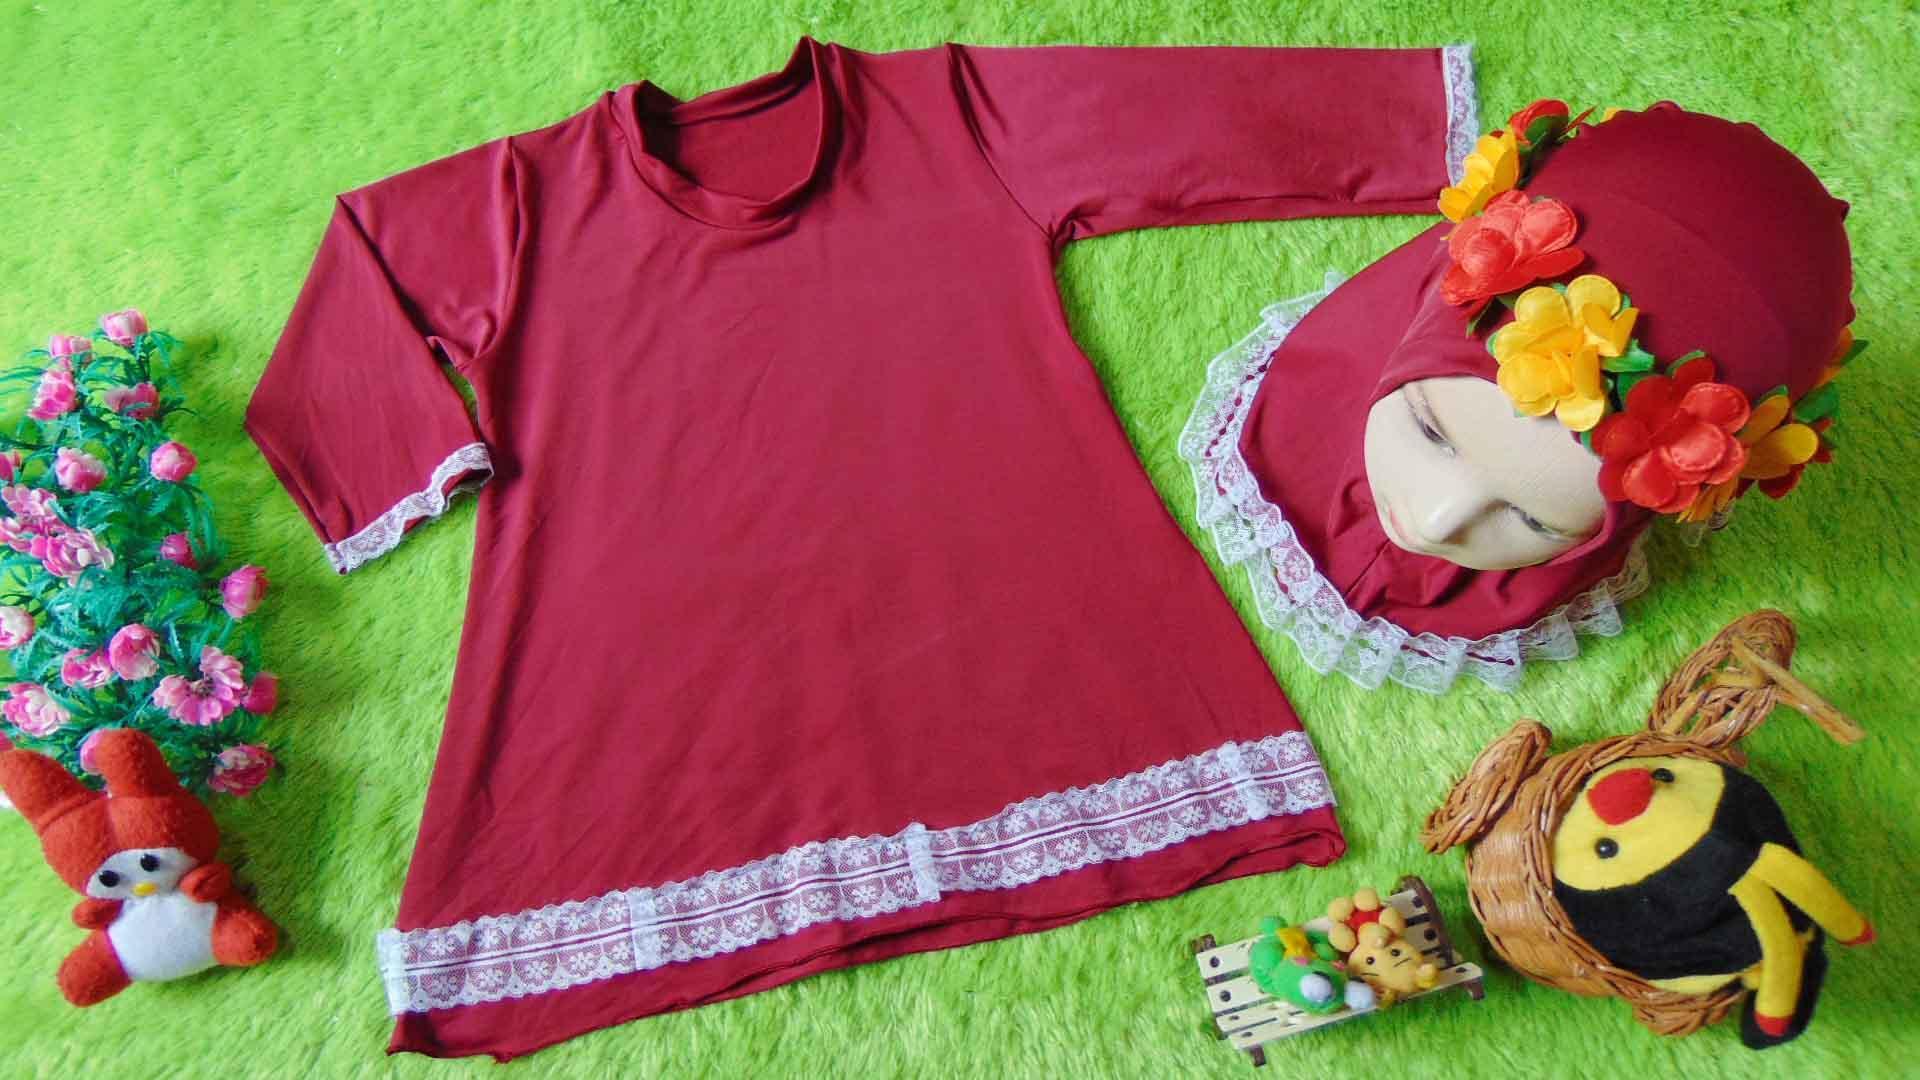 kembarshop - FREE FLOWER CROWN Gamis Basic Bayi Newborn 0-12bulan Maroon Renda Cantik Plus Hijab Kado Bayi